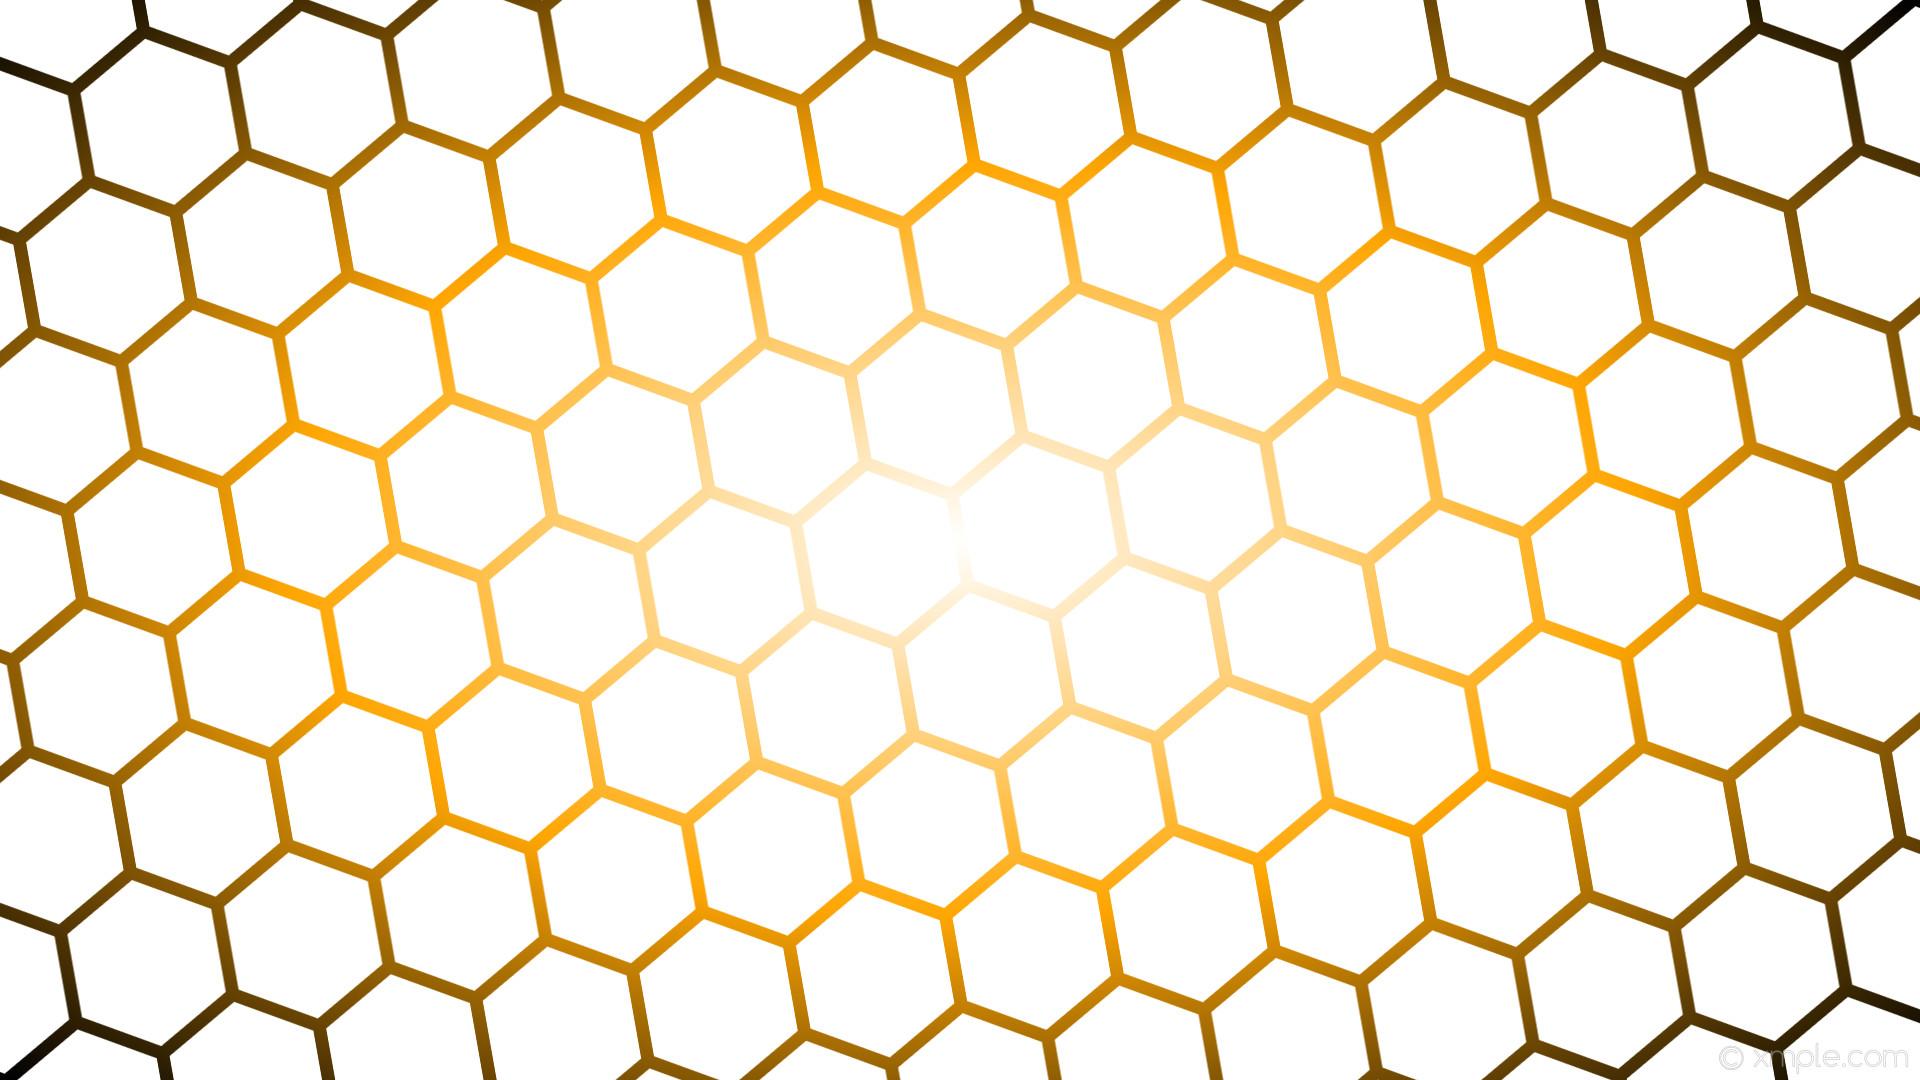 wallpaper black orange glow gradient hexagon white #ffffff #ffffff #ffa500  diagonal 10°